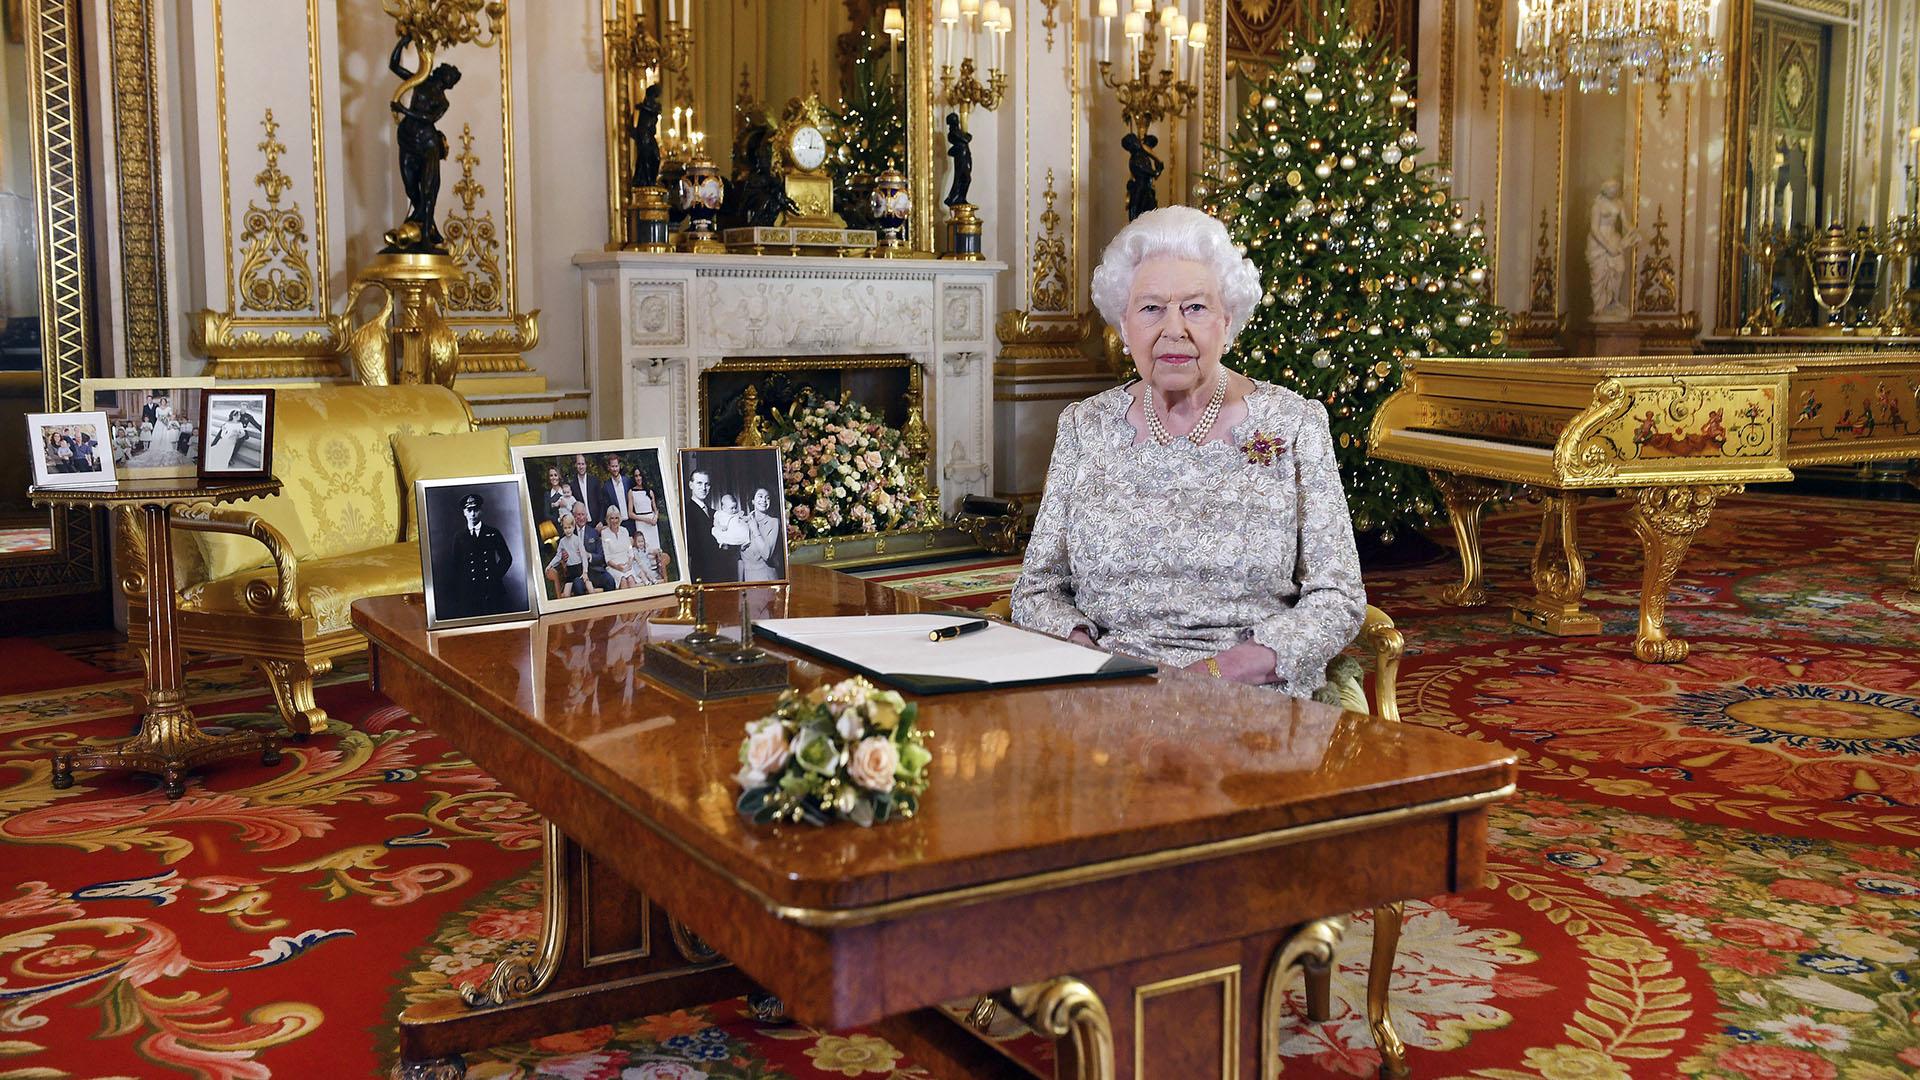 La Reina Isabel II brinda su tradicional mensaje navideño desde el Palacio Buckingham